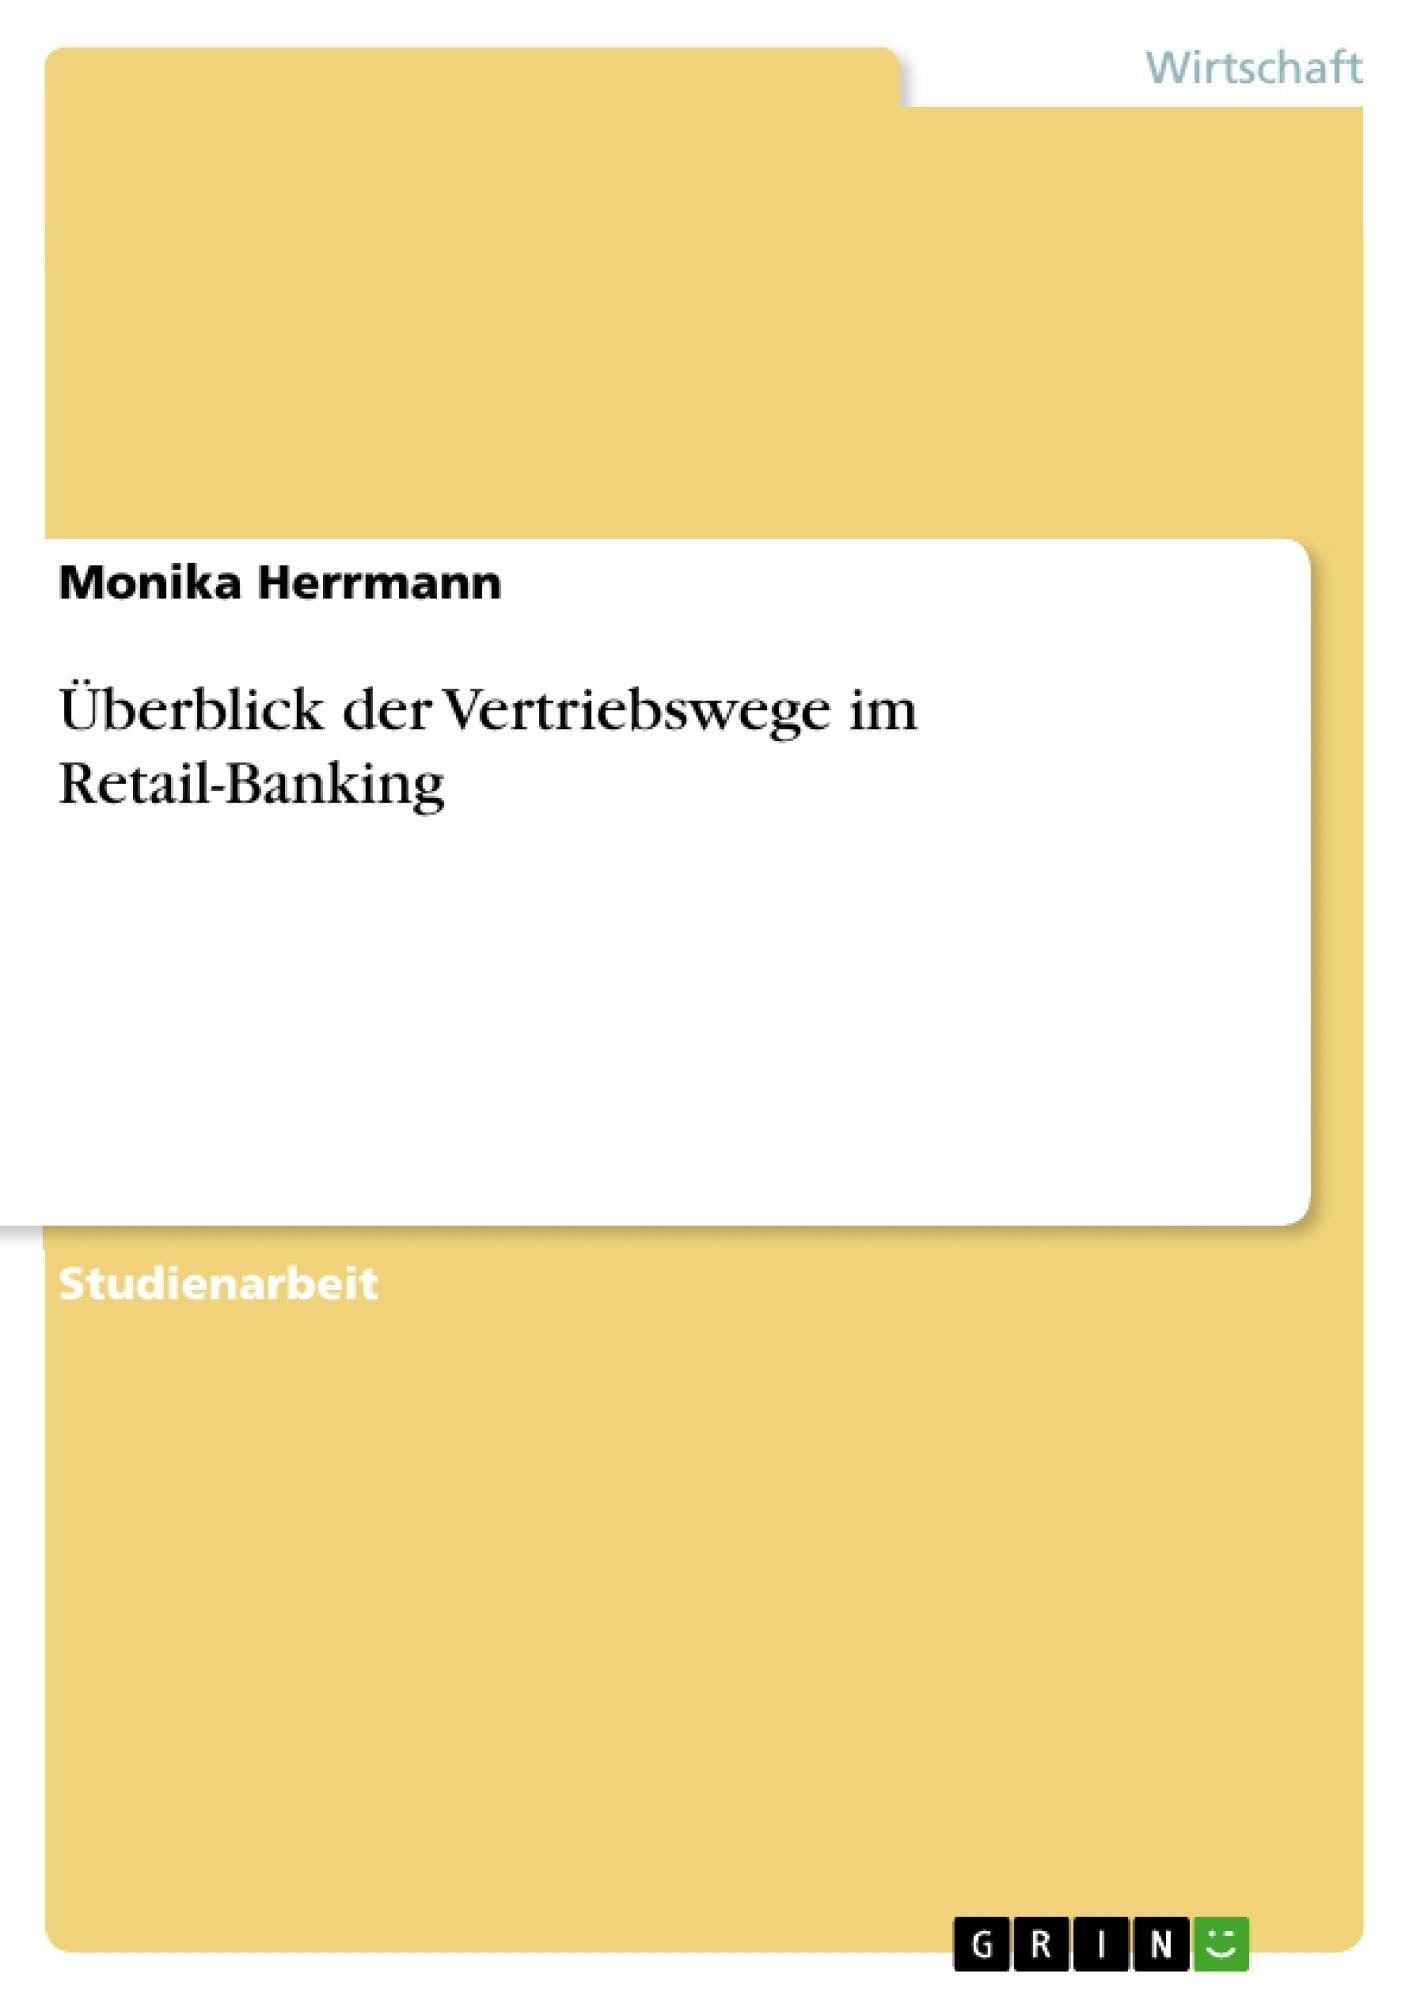 Titel: Überblick der Vertriebswege im Retail-Banking